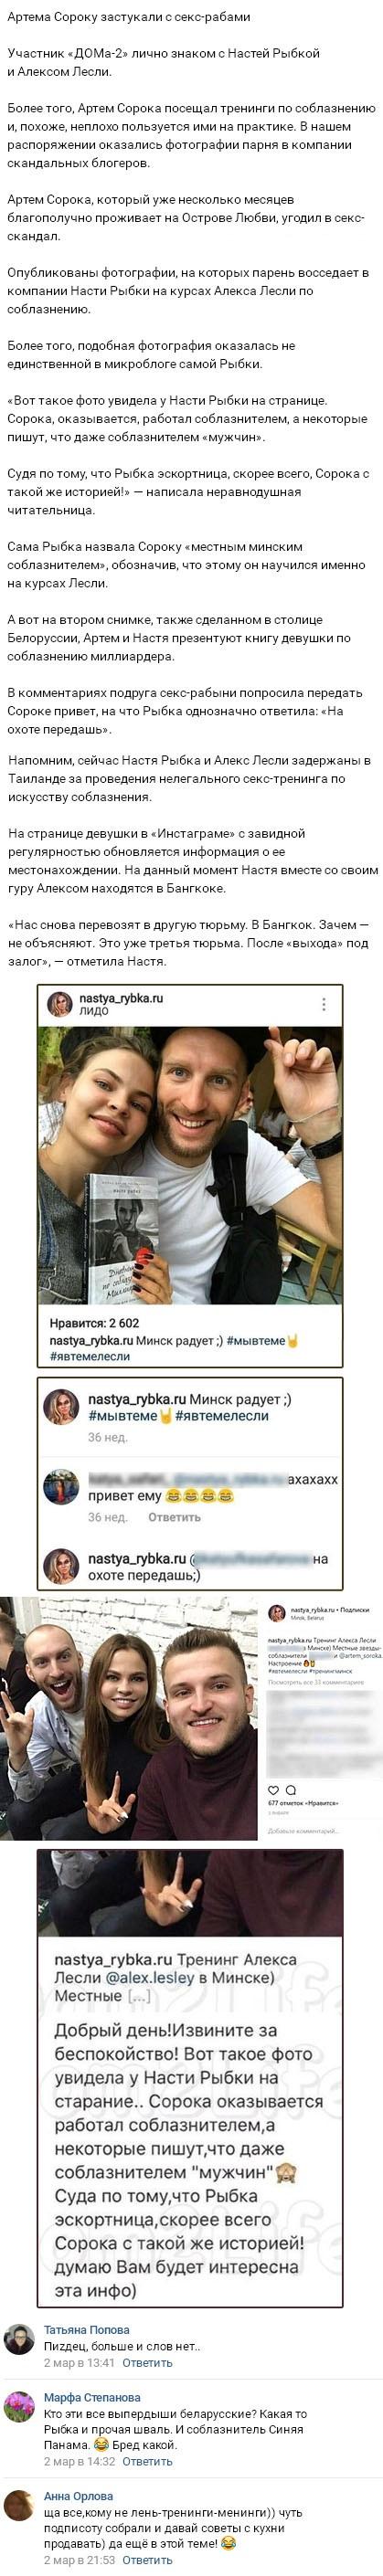 Компромат на Артёма Сороку от защитников обиженной Александры Шевы